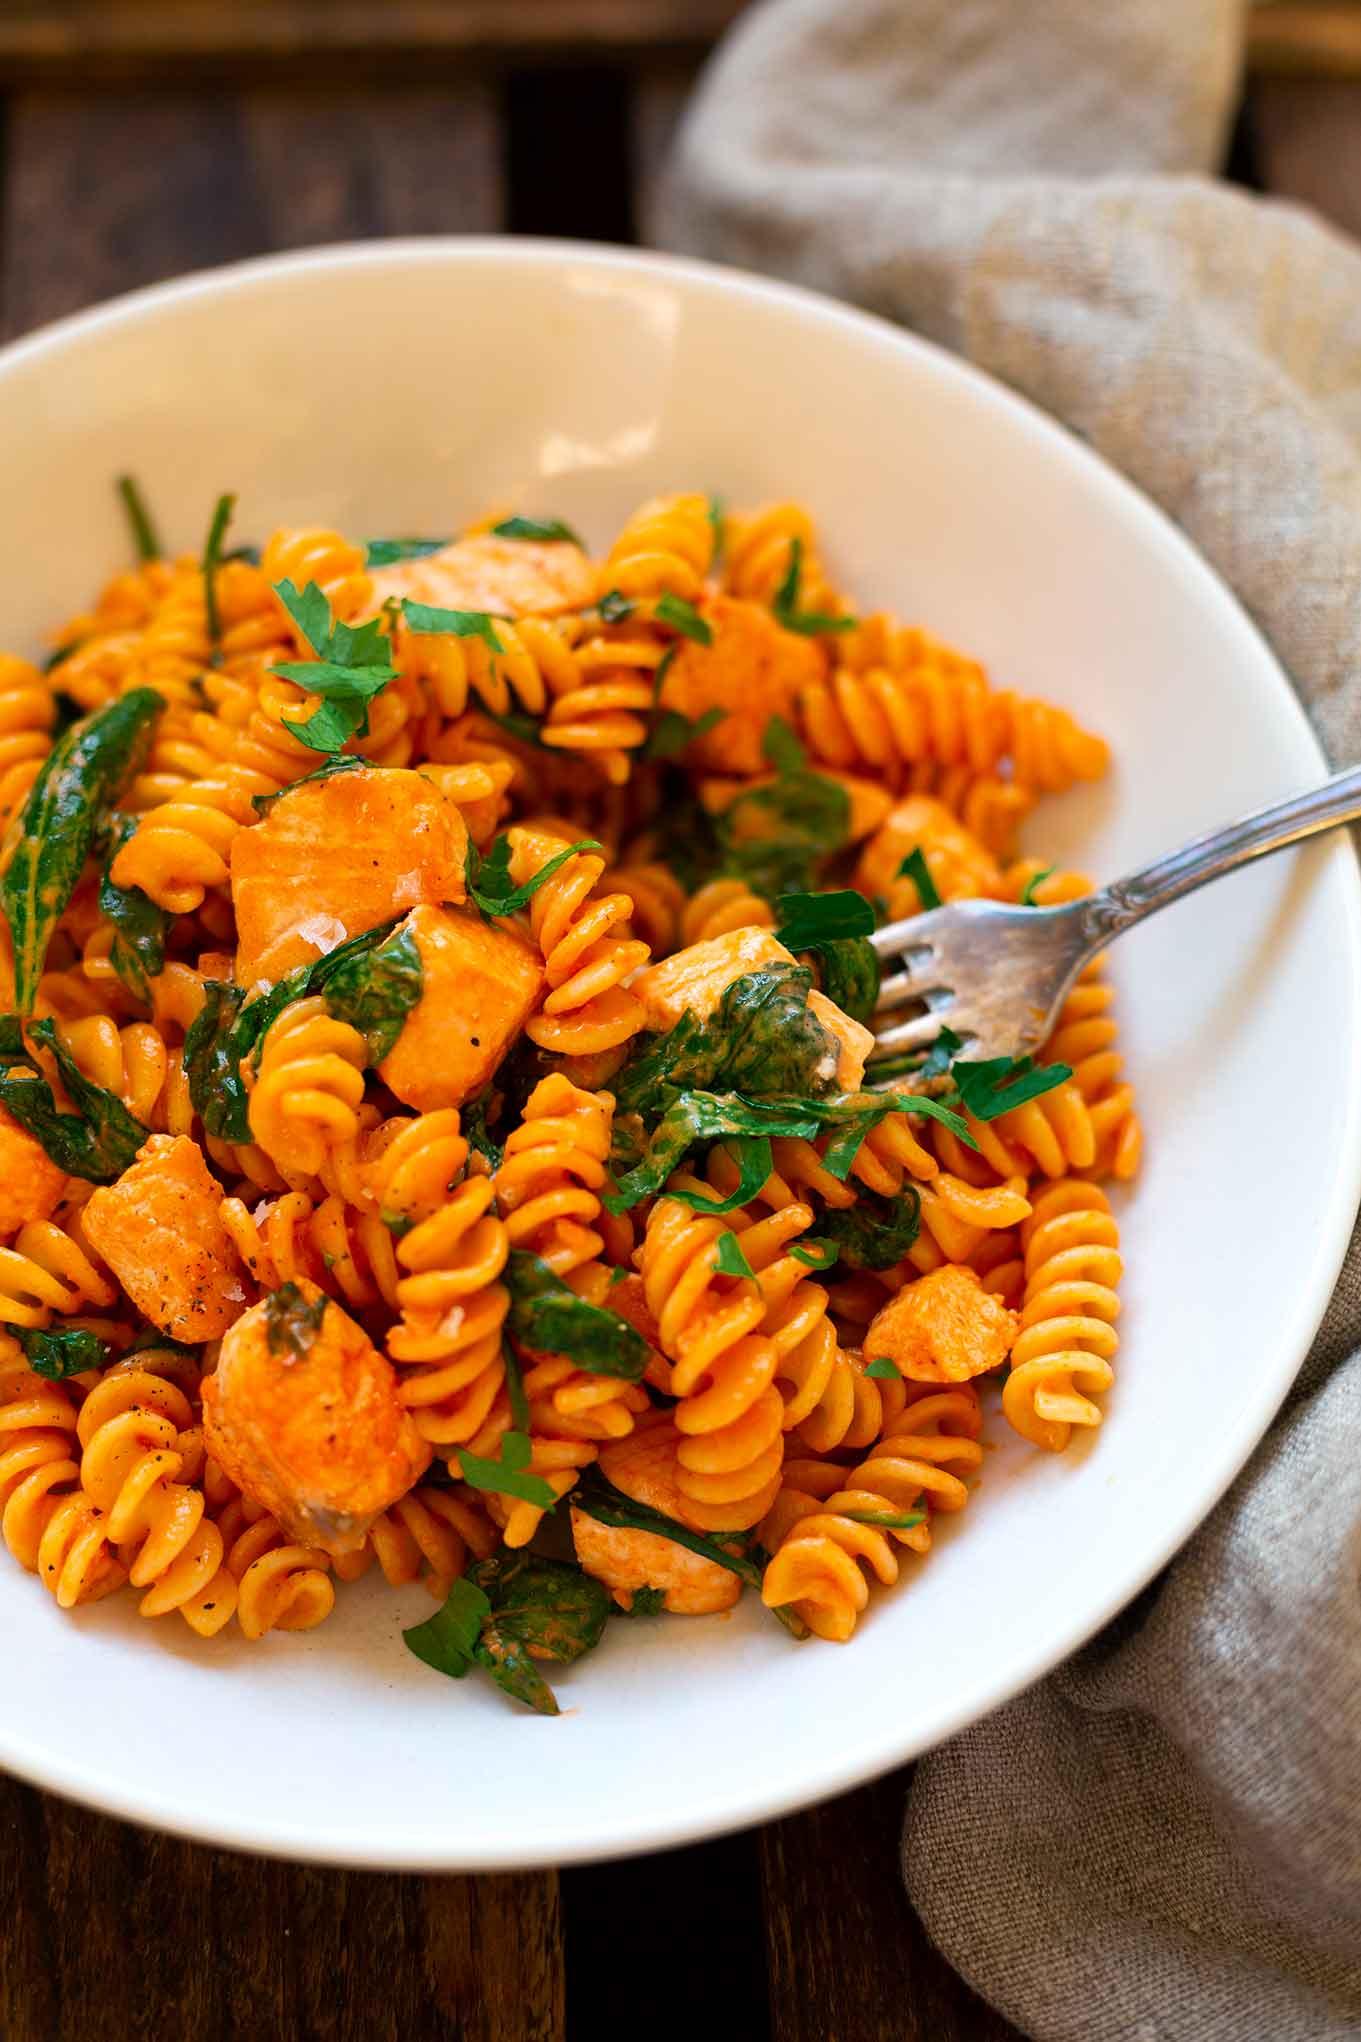 Pasta mit Lachs-Sahne-Sauce und Spinat: Auf der Suche nach einem schnellen, romantischen Rezept für den Valentinstag, das in nur 30 Minuten fix und fertig auf dem Tisch steht? Dieses Pasta Rezept besteht aus nur 7 Zutaten und ist einfach super lecker. Kochkarussell - dein Foodblog für gesundes Soulfood und schnelle Feierabend Rezepte.